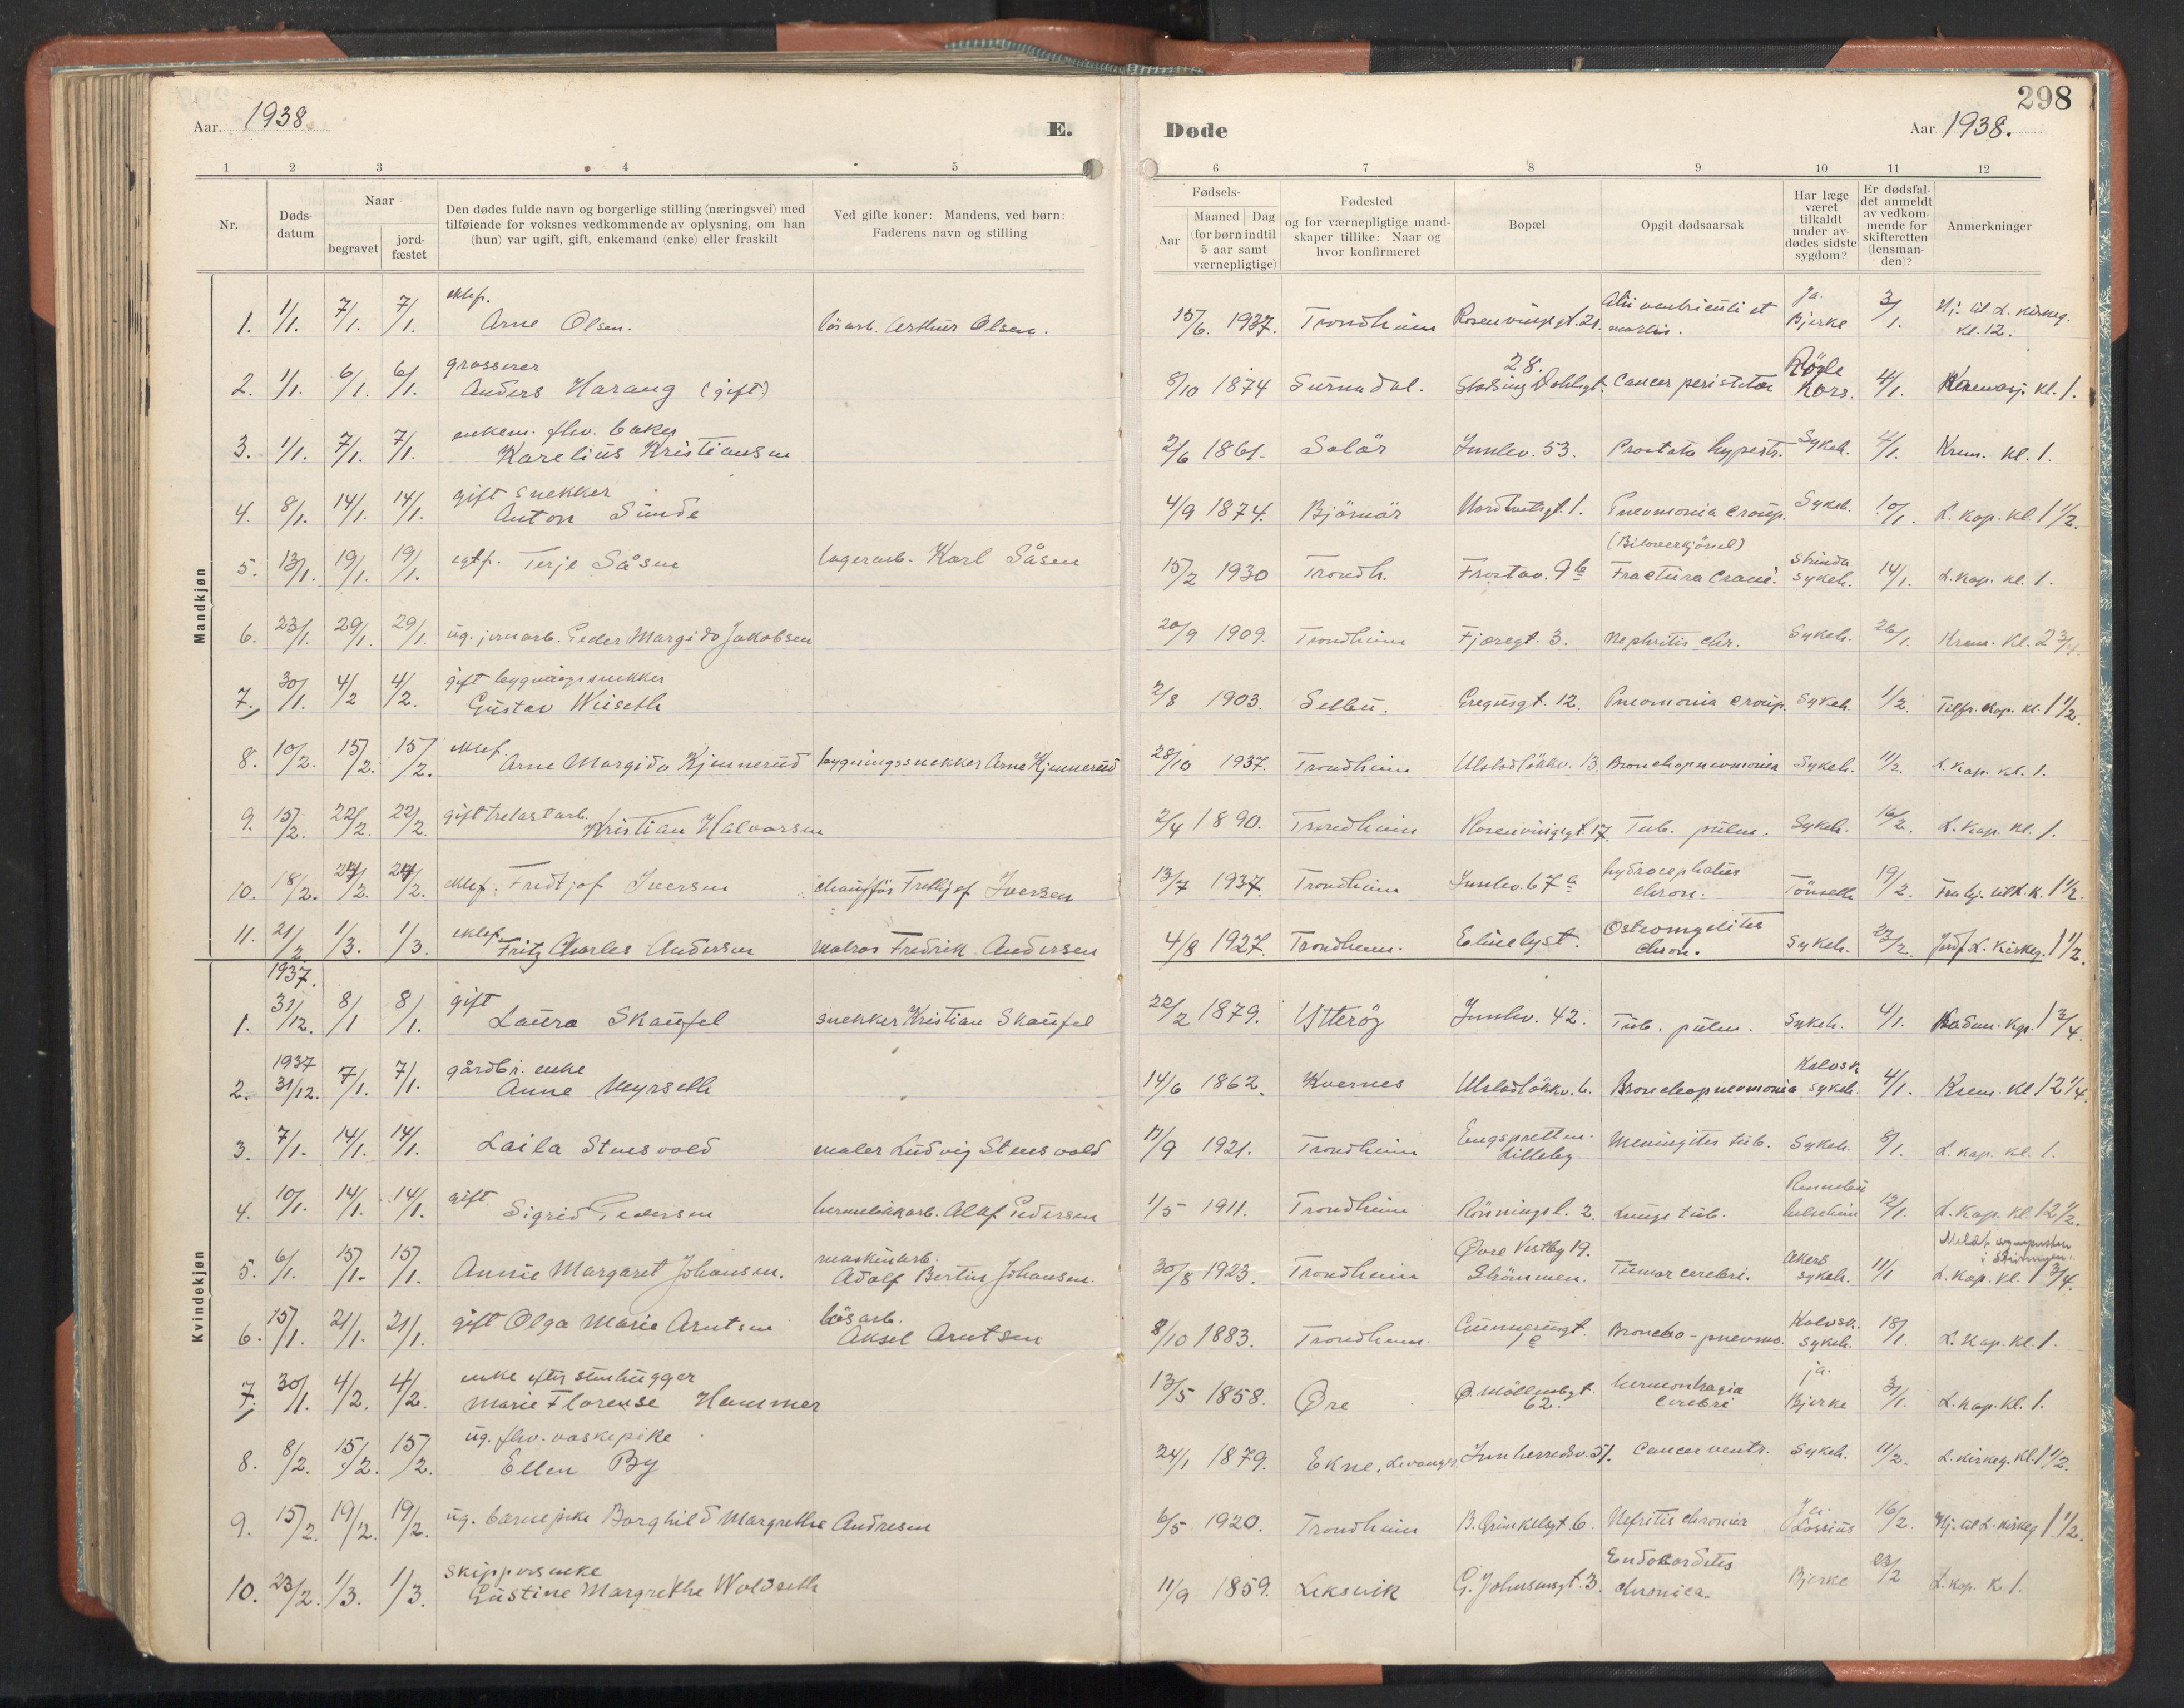 SAT, Ministerialprotokoller, klokkerbøker og fødselsregistre - Sør-Trøndelag, 605/L0245: Ministerialbok nr. 605A07, 1916-1938, s. 298